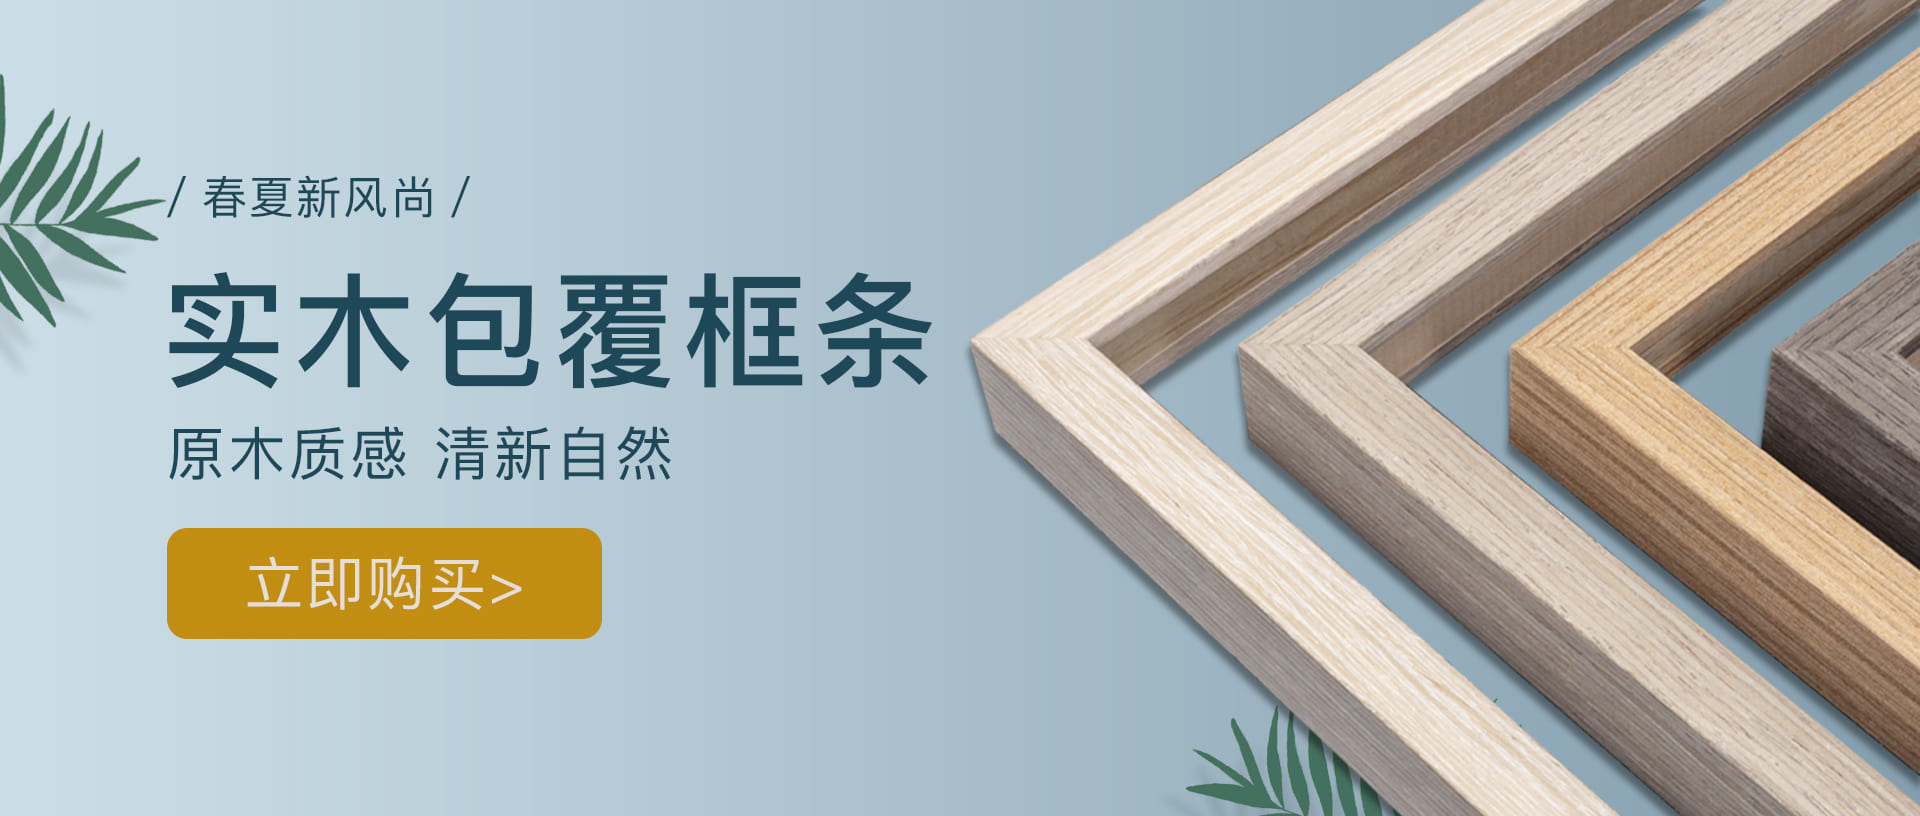 绿林SW001实木包覆框条banner